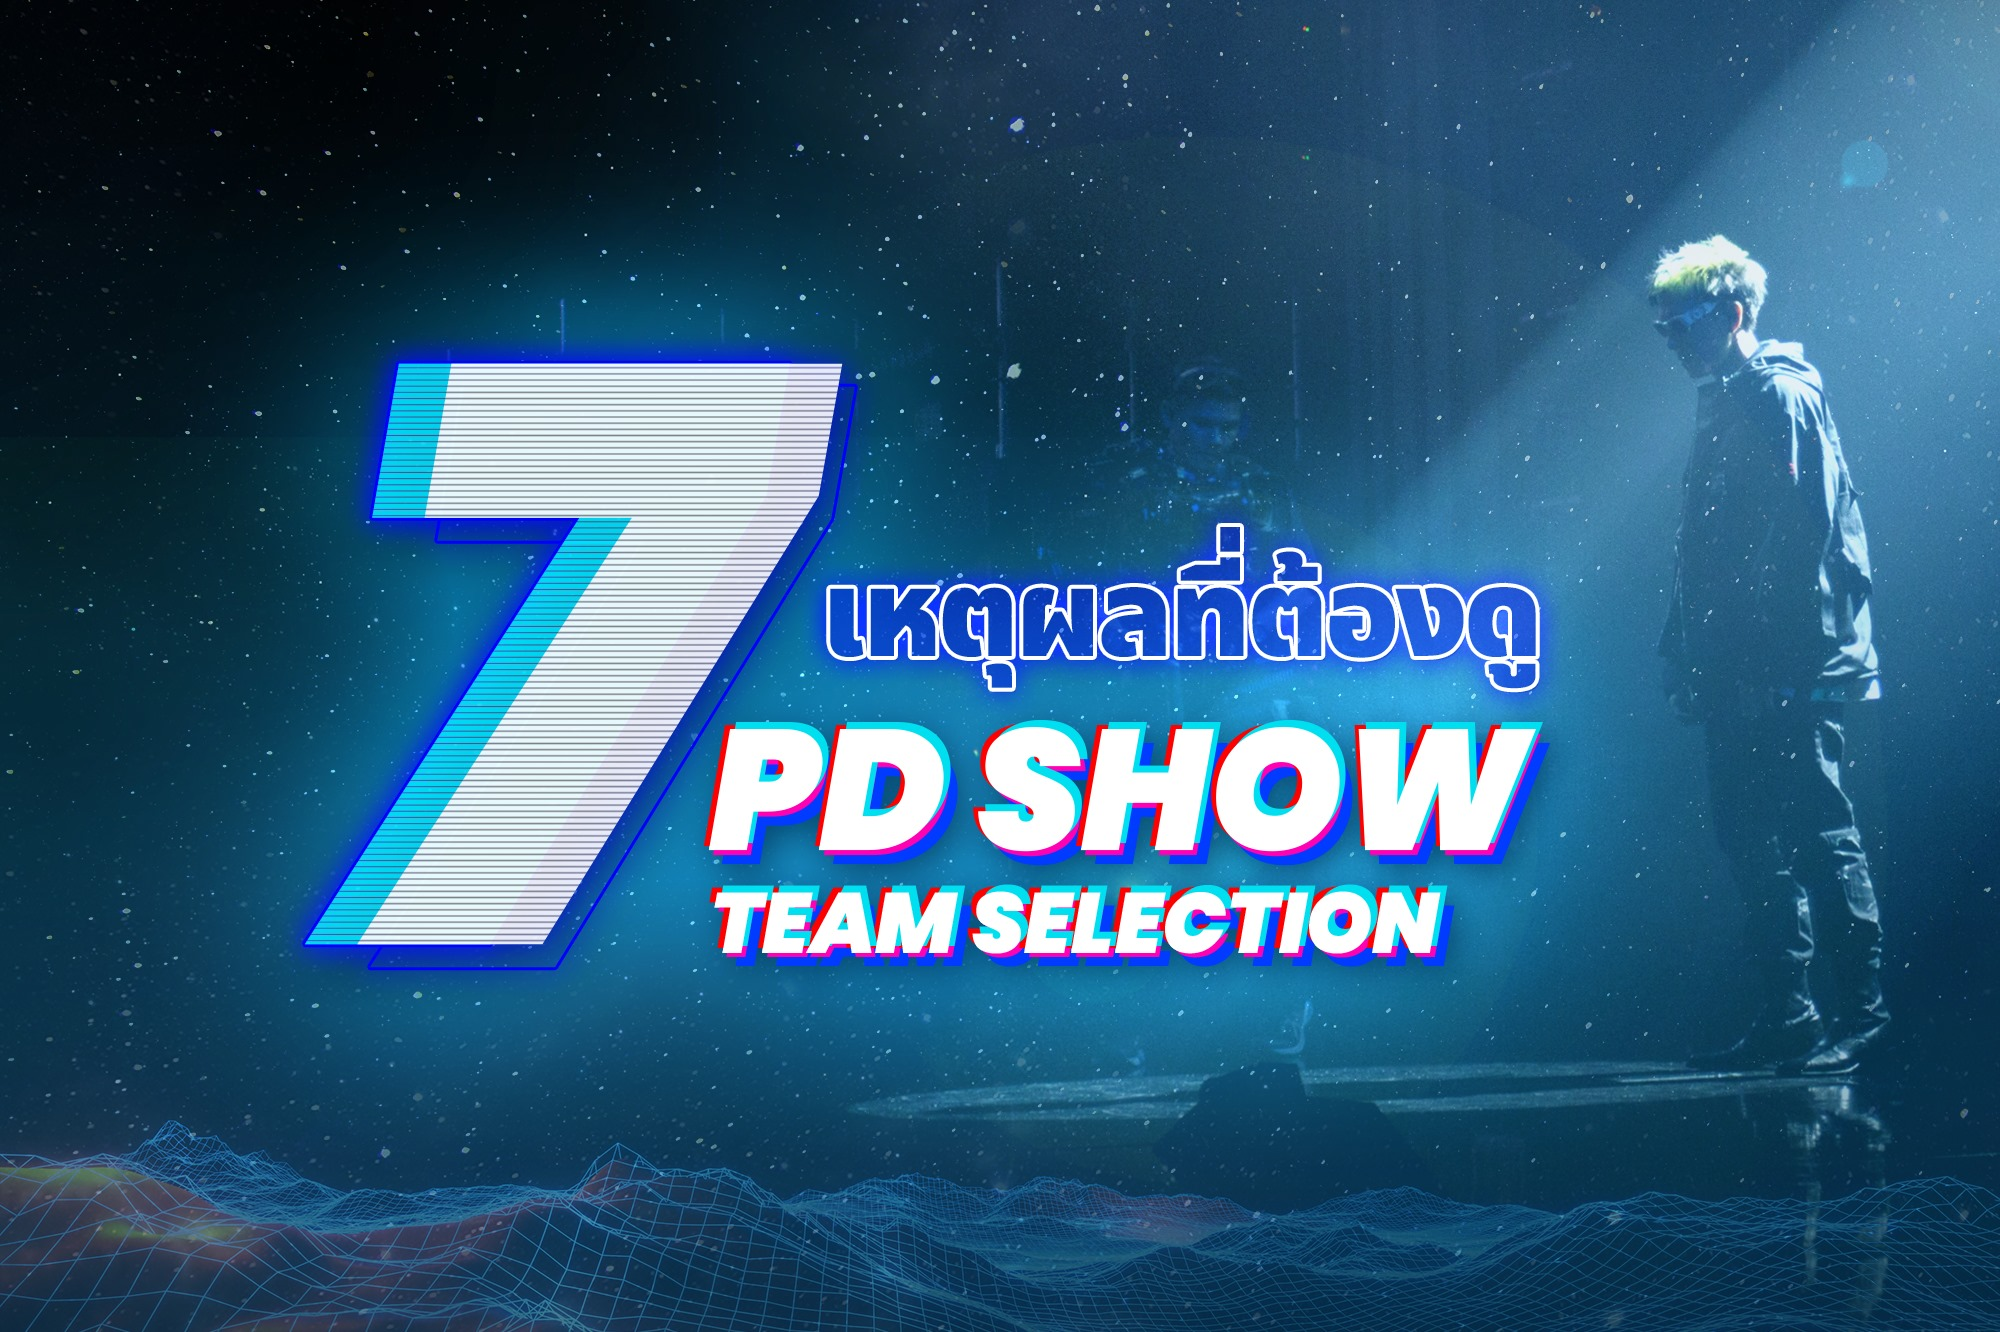 7 เหตุผลที่ต้องดู PD SHOW